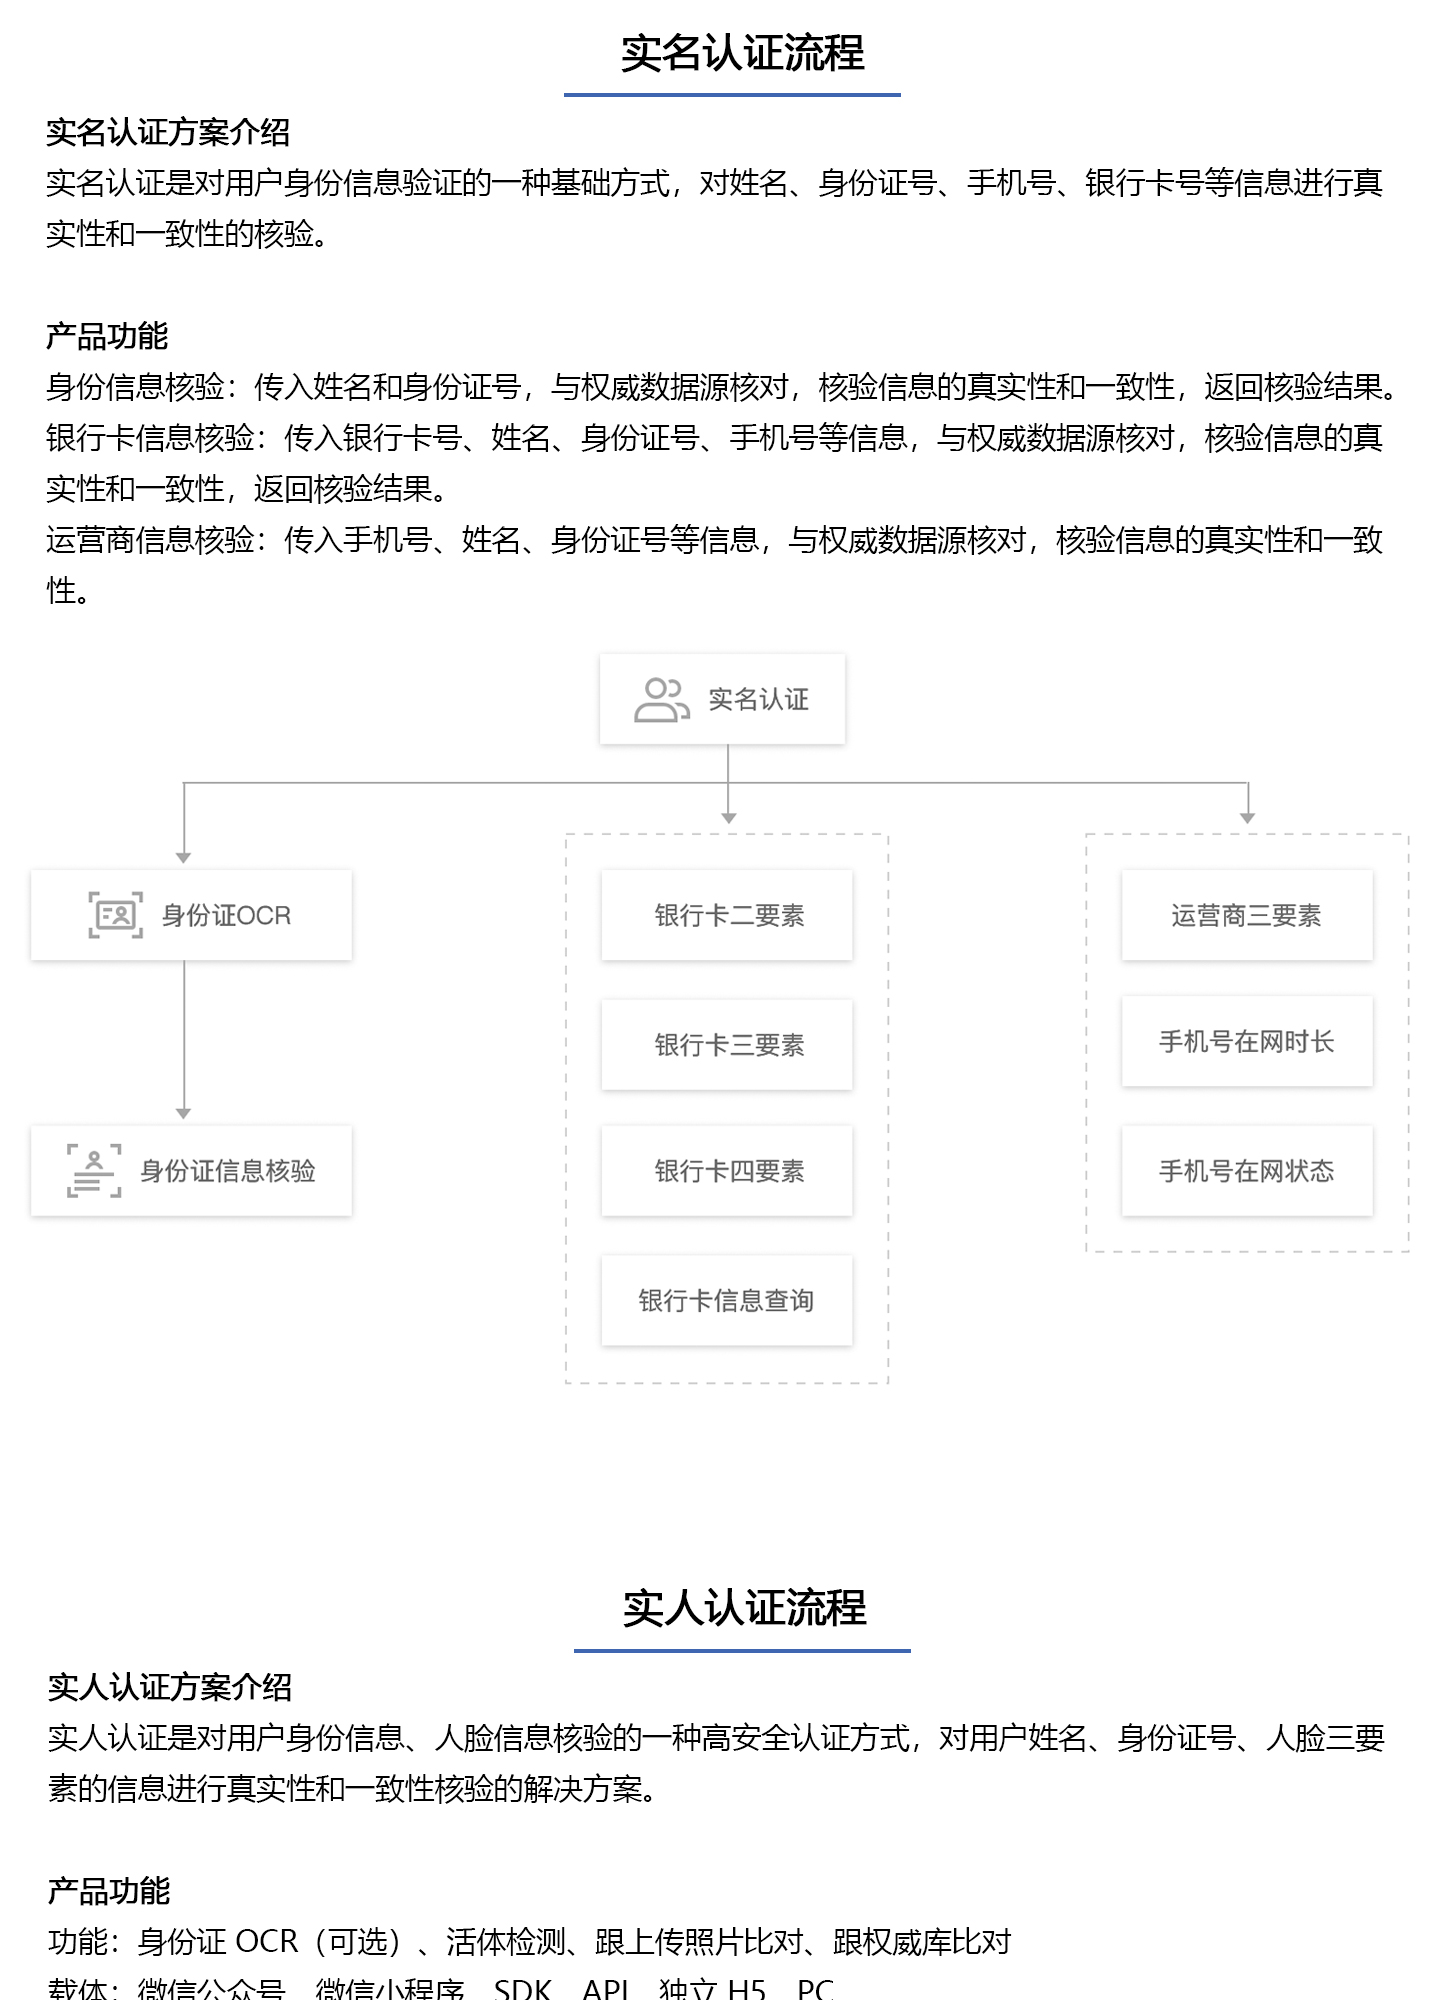 实名实人认证解决方案1440_02.jpg